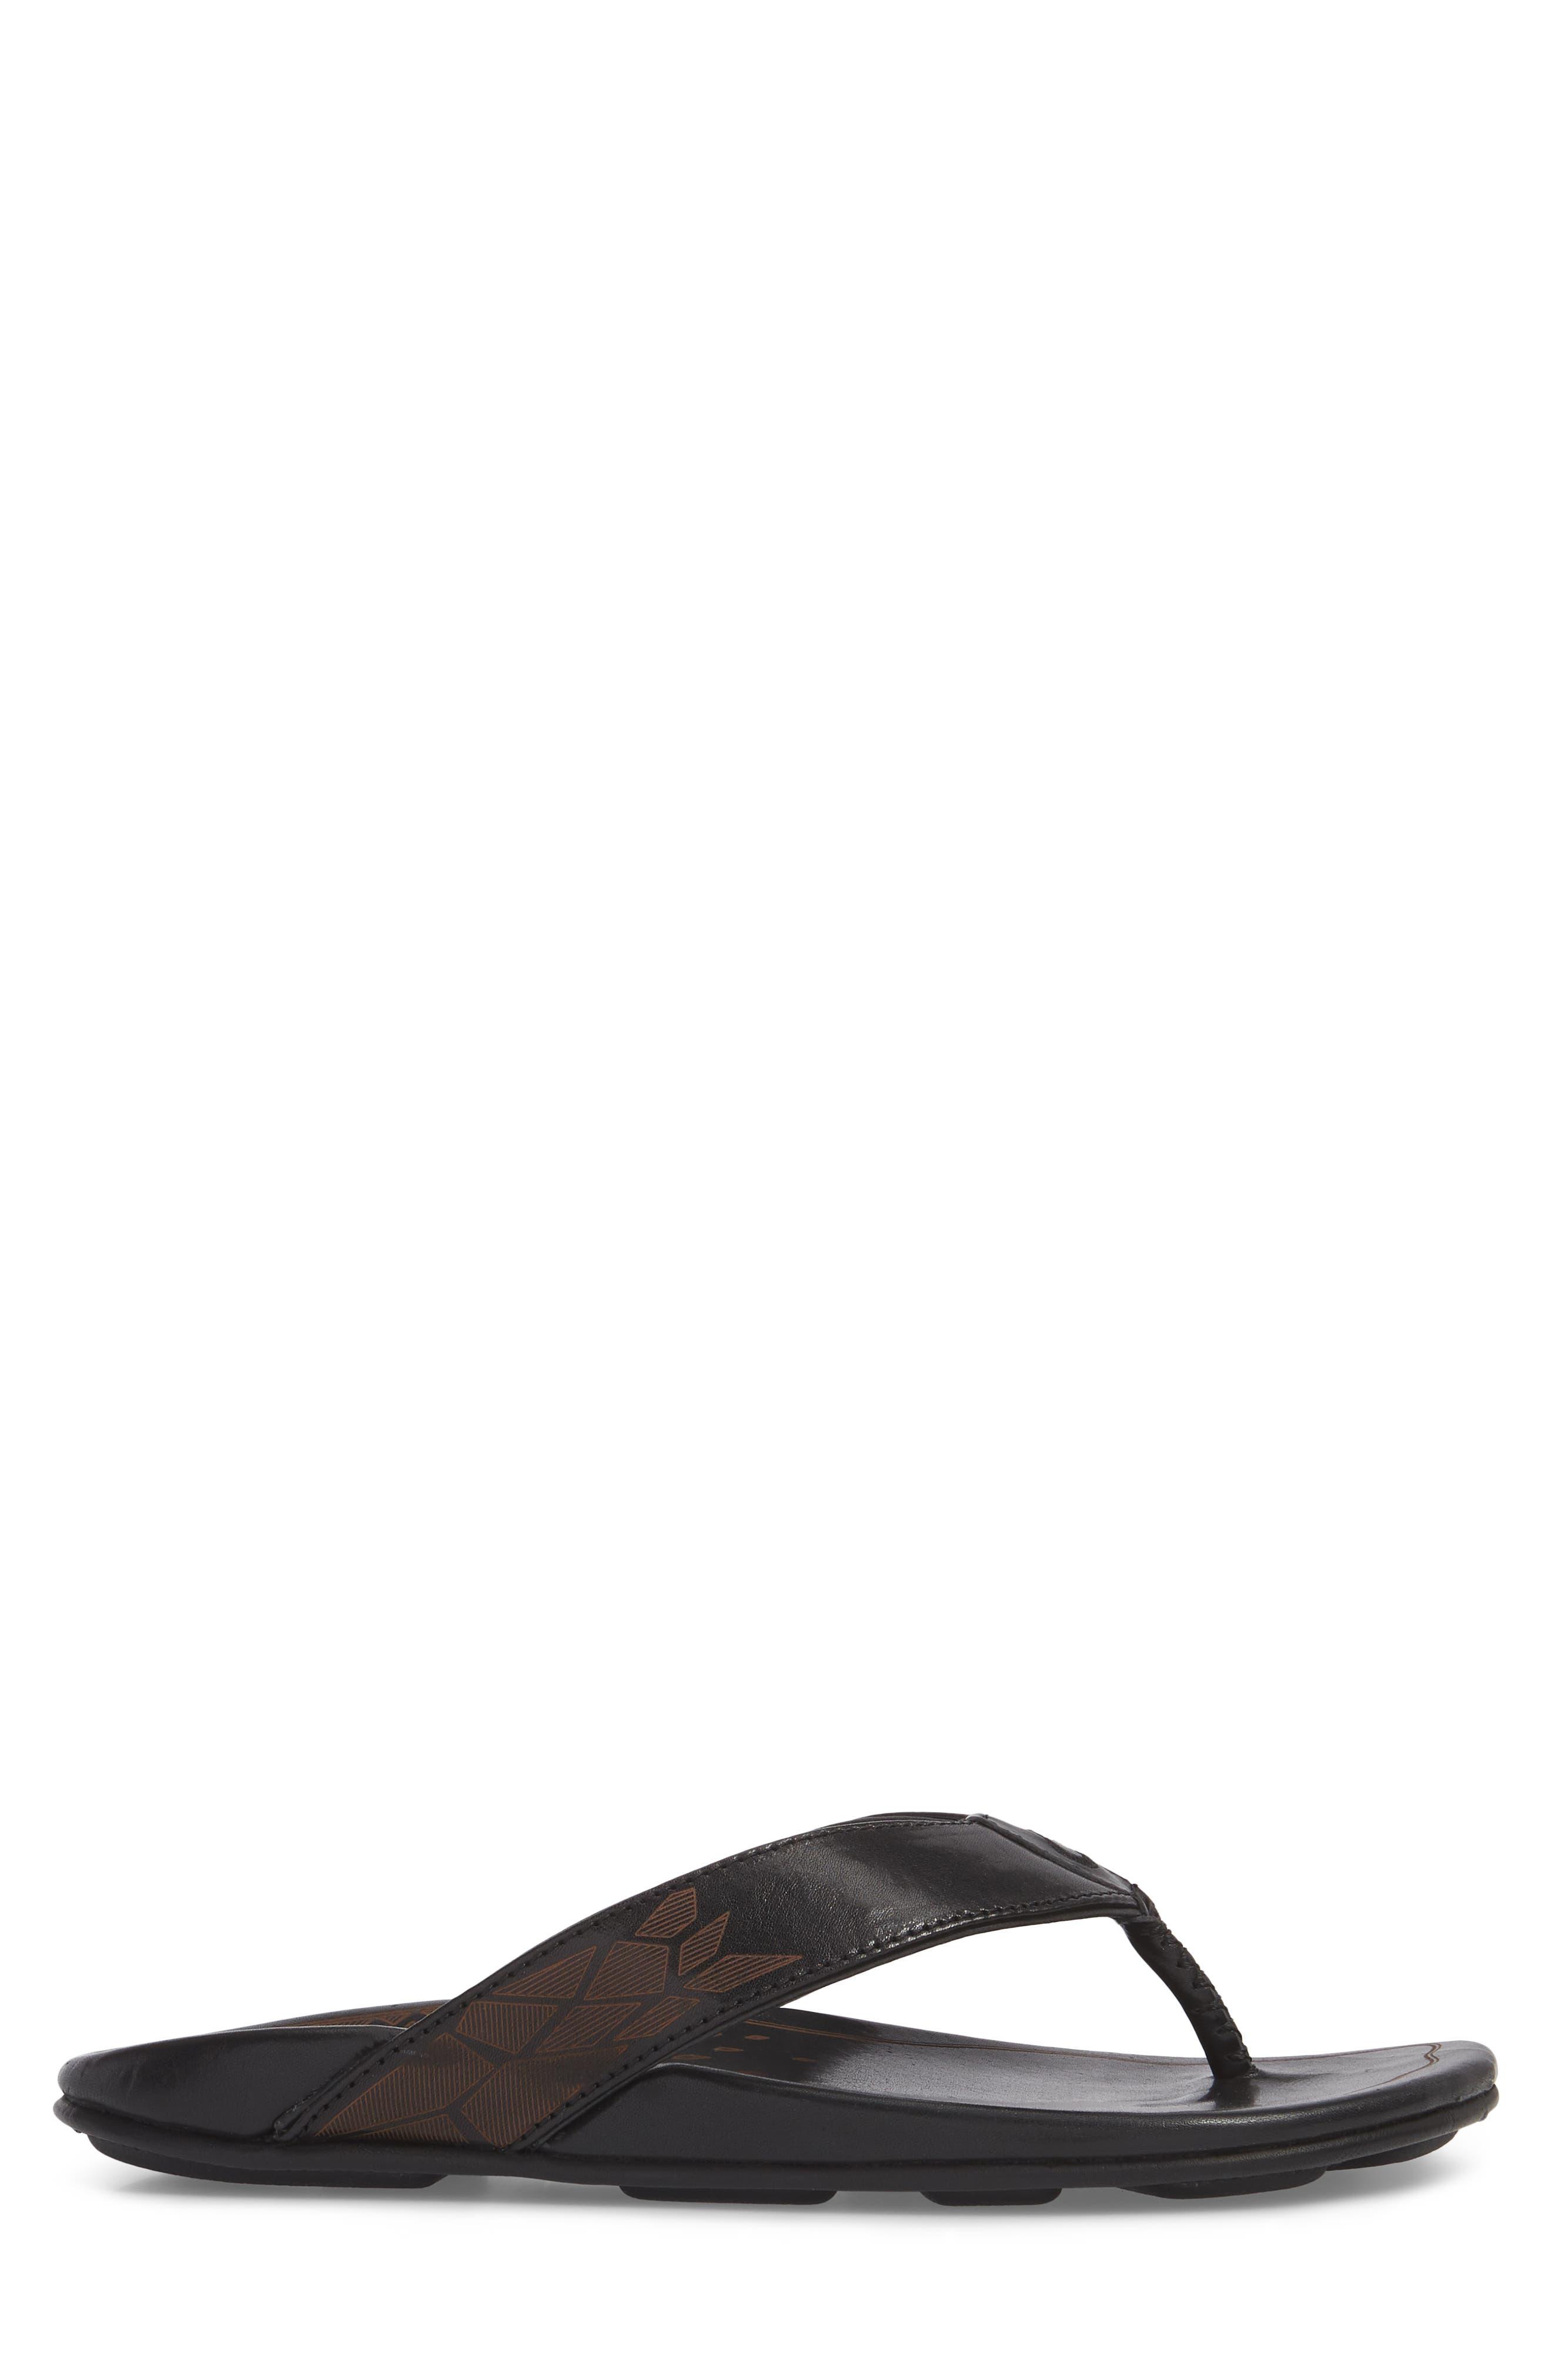 OLUKAI, Kulia Flip Flop, Alternate thumbnail 3, color, BLACK/ BLACK LEATHER